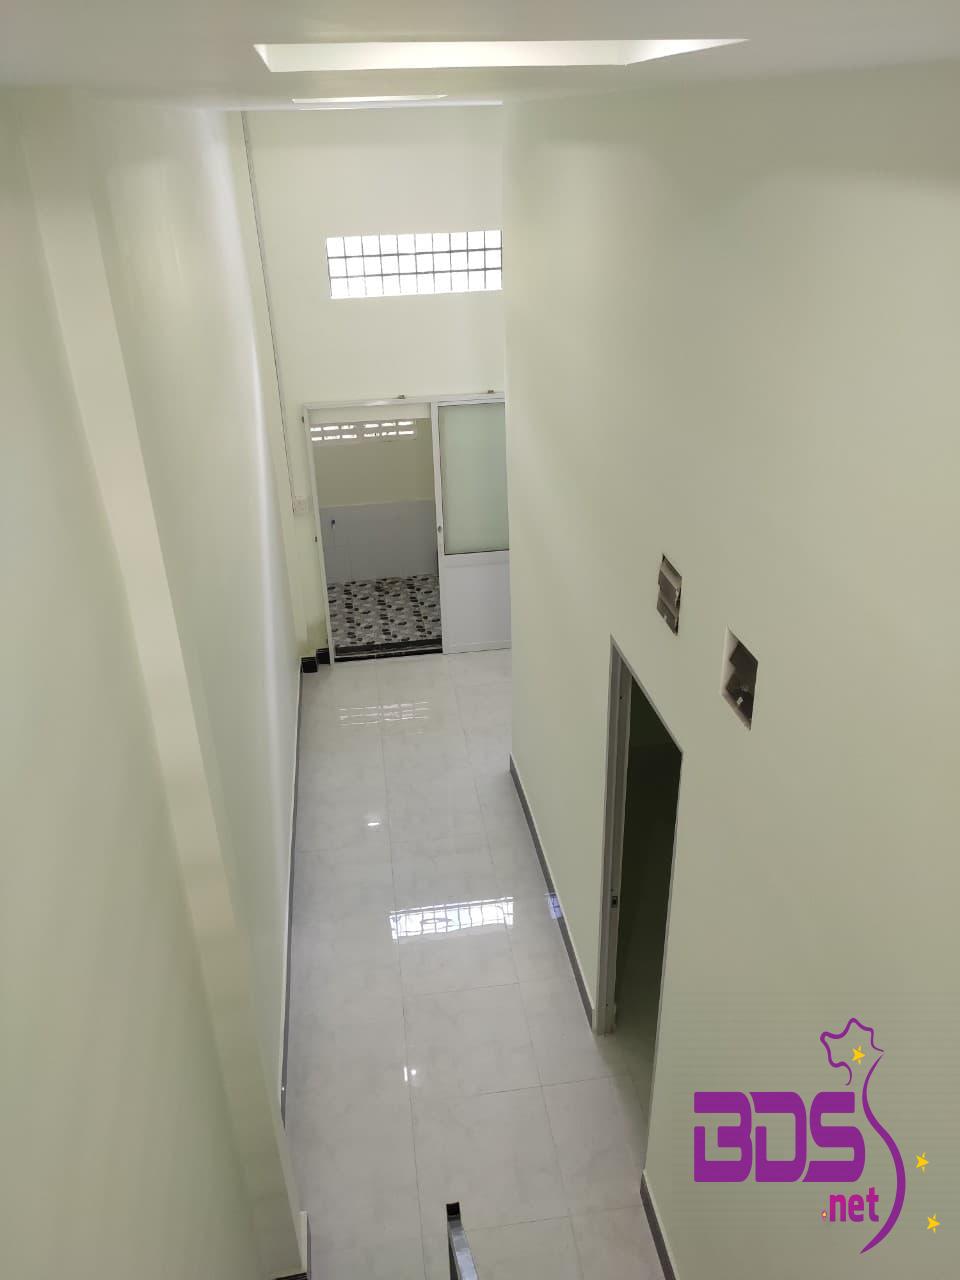 Bán nhà 1 trệt 1 lững hẽm 102 đường 3/2, Hưng Lợi, Ninh Kiều, CT-2